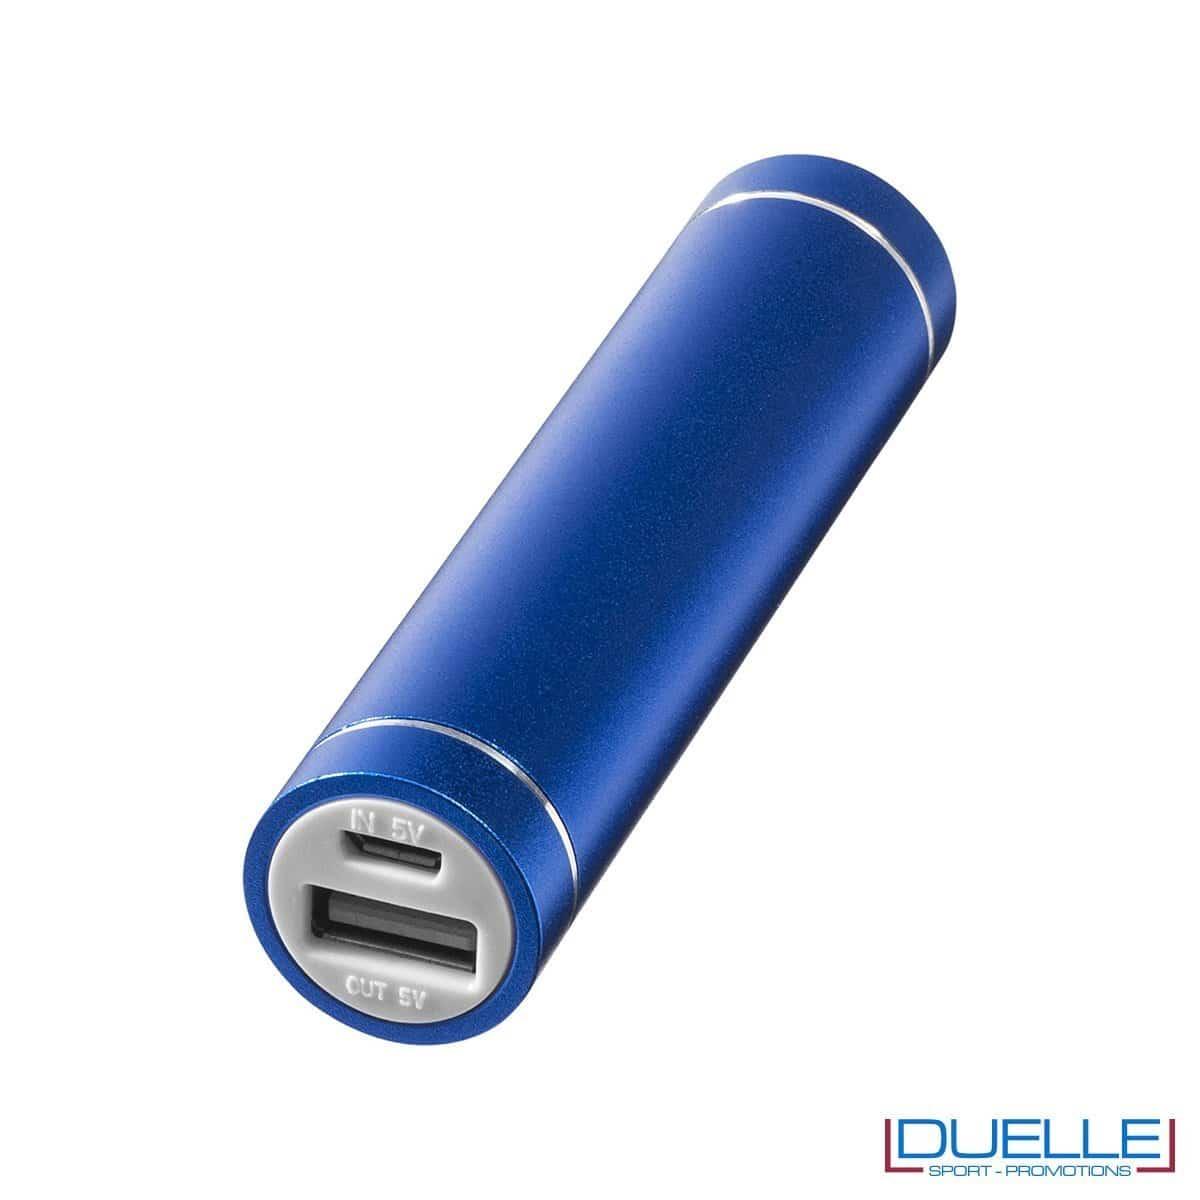 Power bank promozionale in alluminio anodizzato cilindrico colore blu